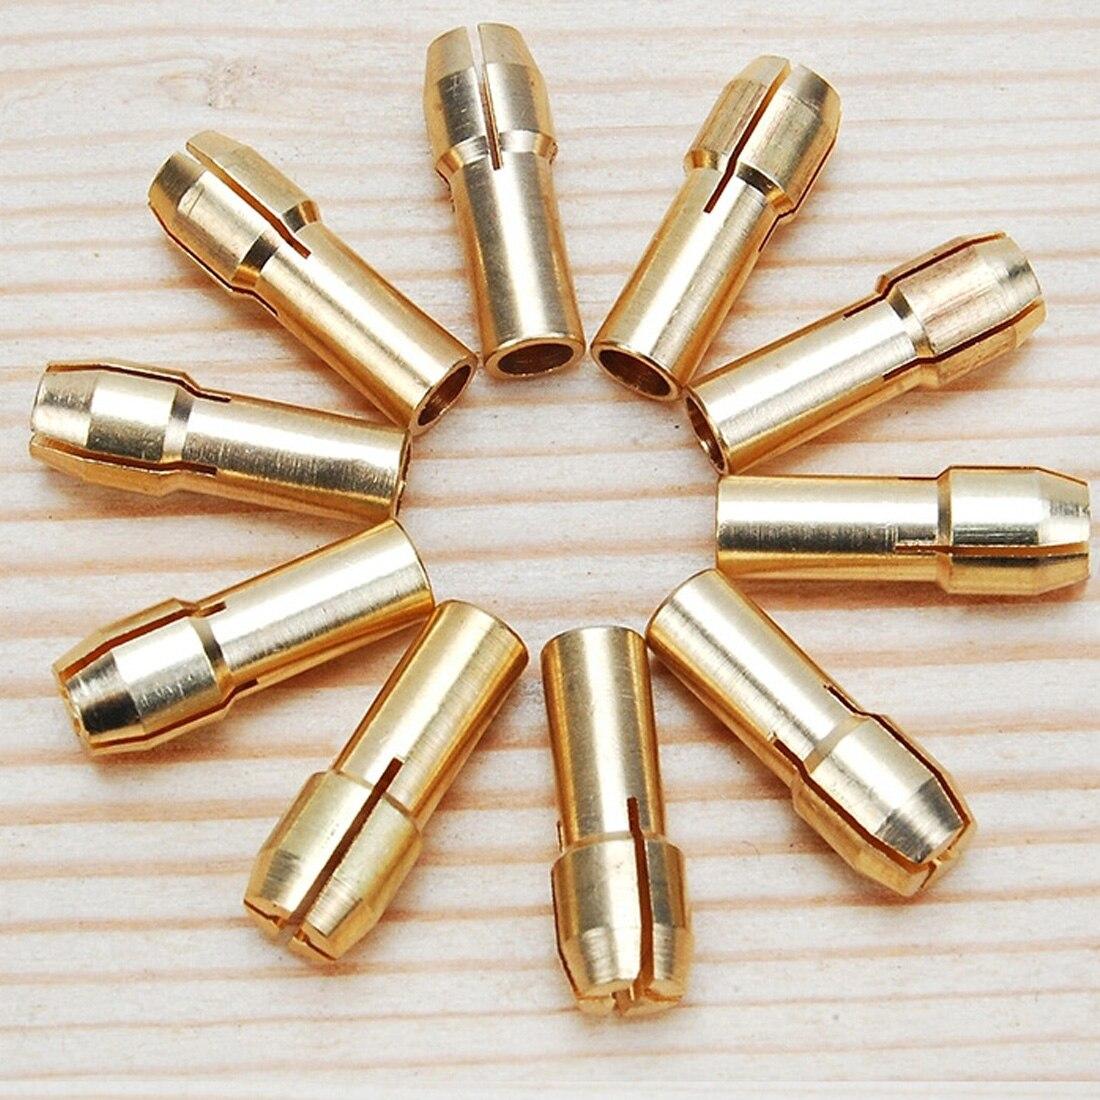 New Arrival 10Pcs /set Brass Drill Chucks Collet Bits 0.5-3.2mm 4.3mm Shank for Dremel Rotary Tool new 10pcs jobbers mini micro hss twist drill bits 0 5 3mm for wood pcb presses drilling dremel rotary tools